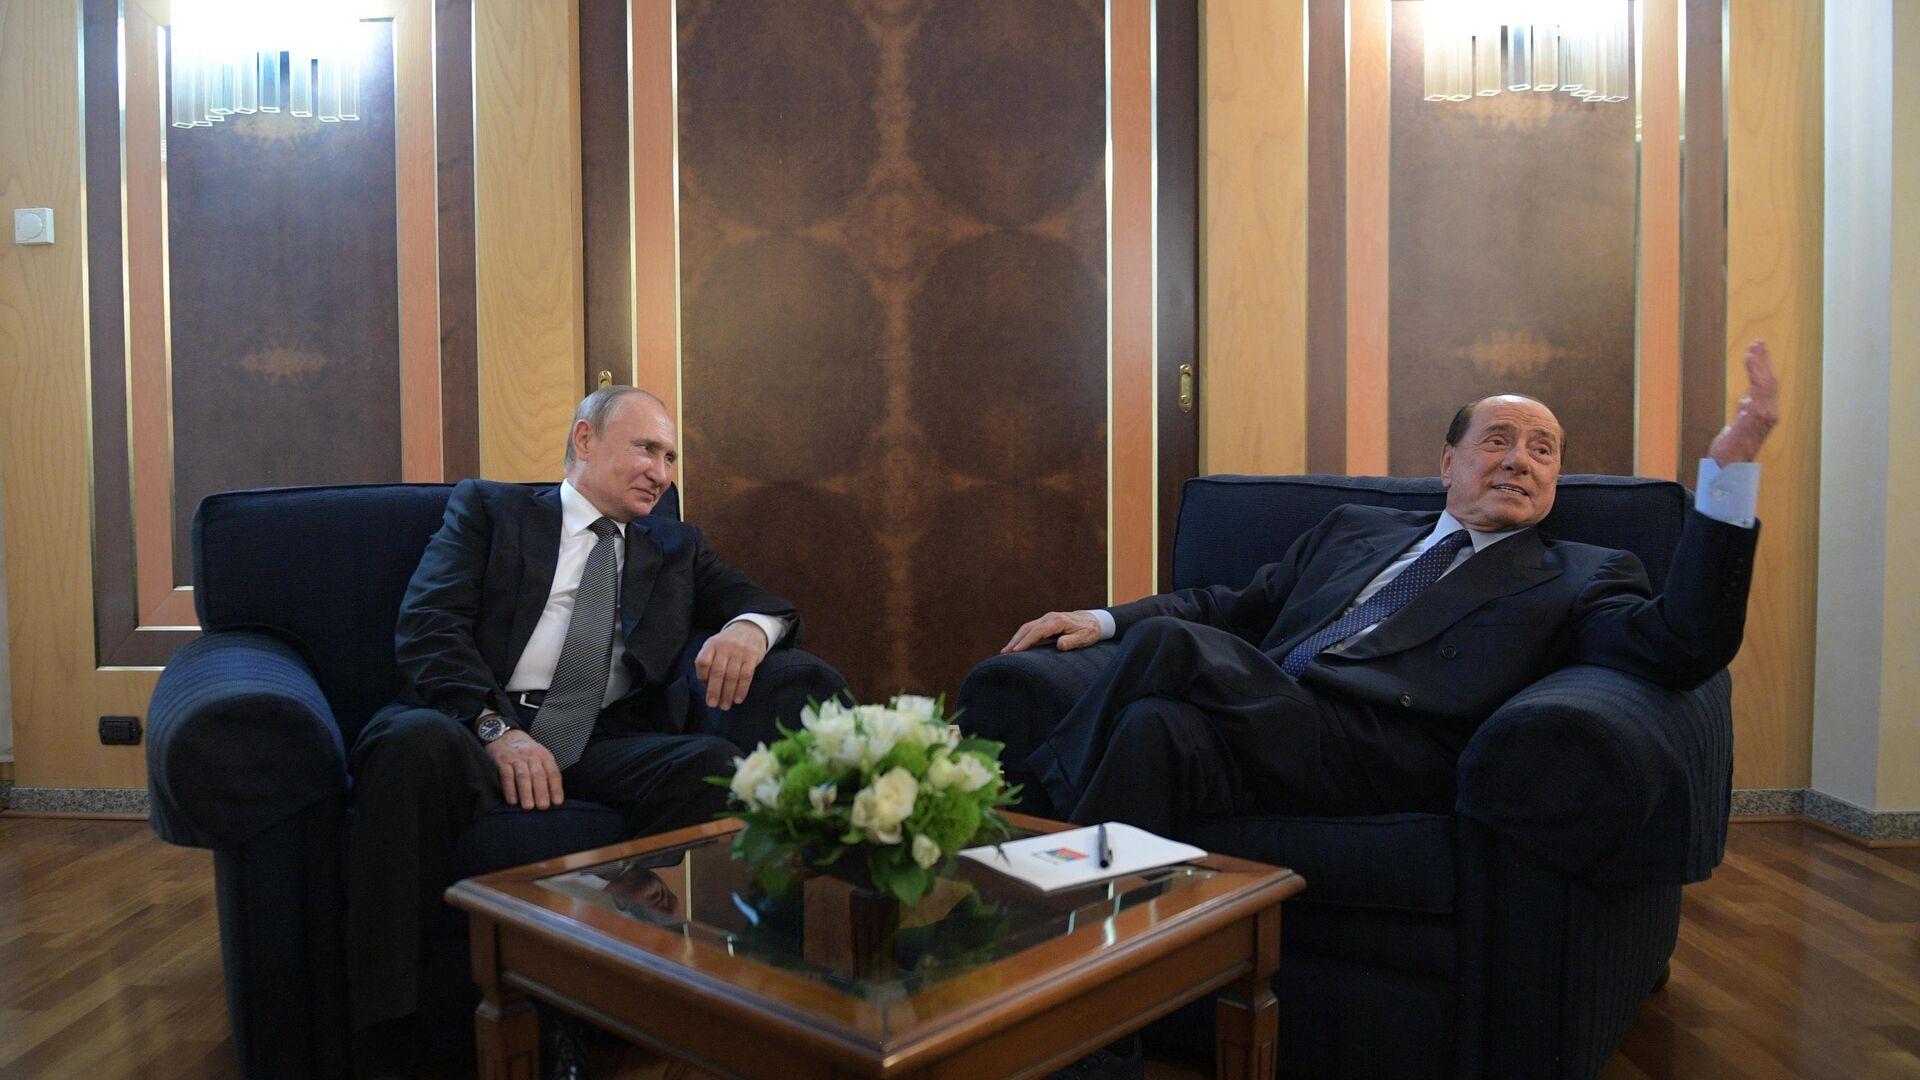 Путин по телефону поздравит экс-премьера Италии Берлускони с 85-летием